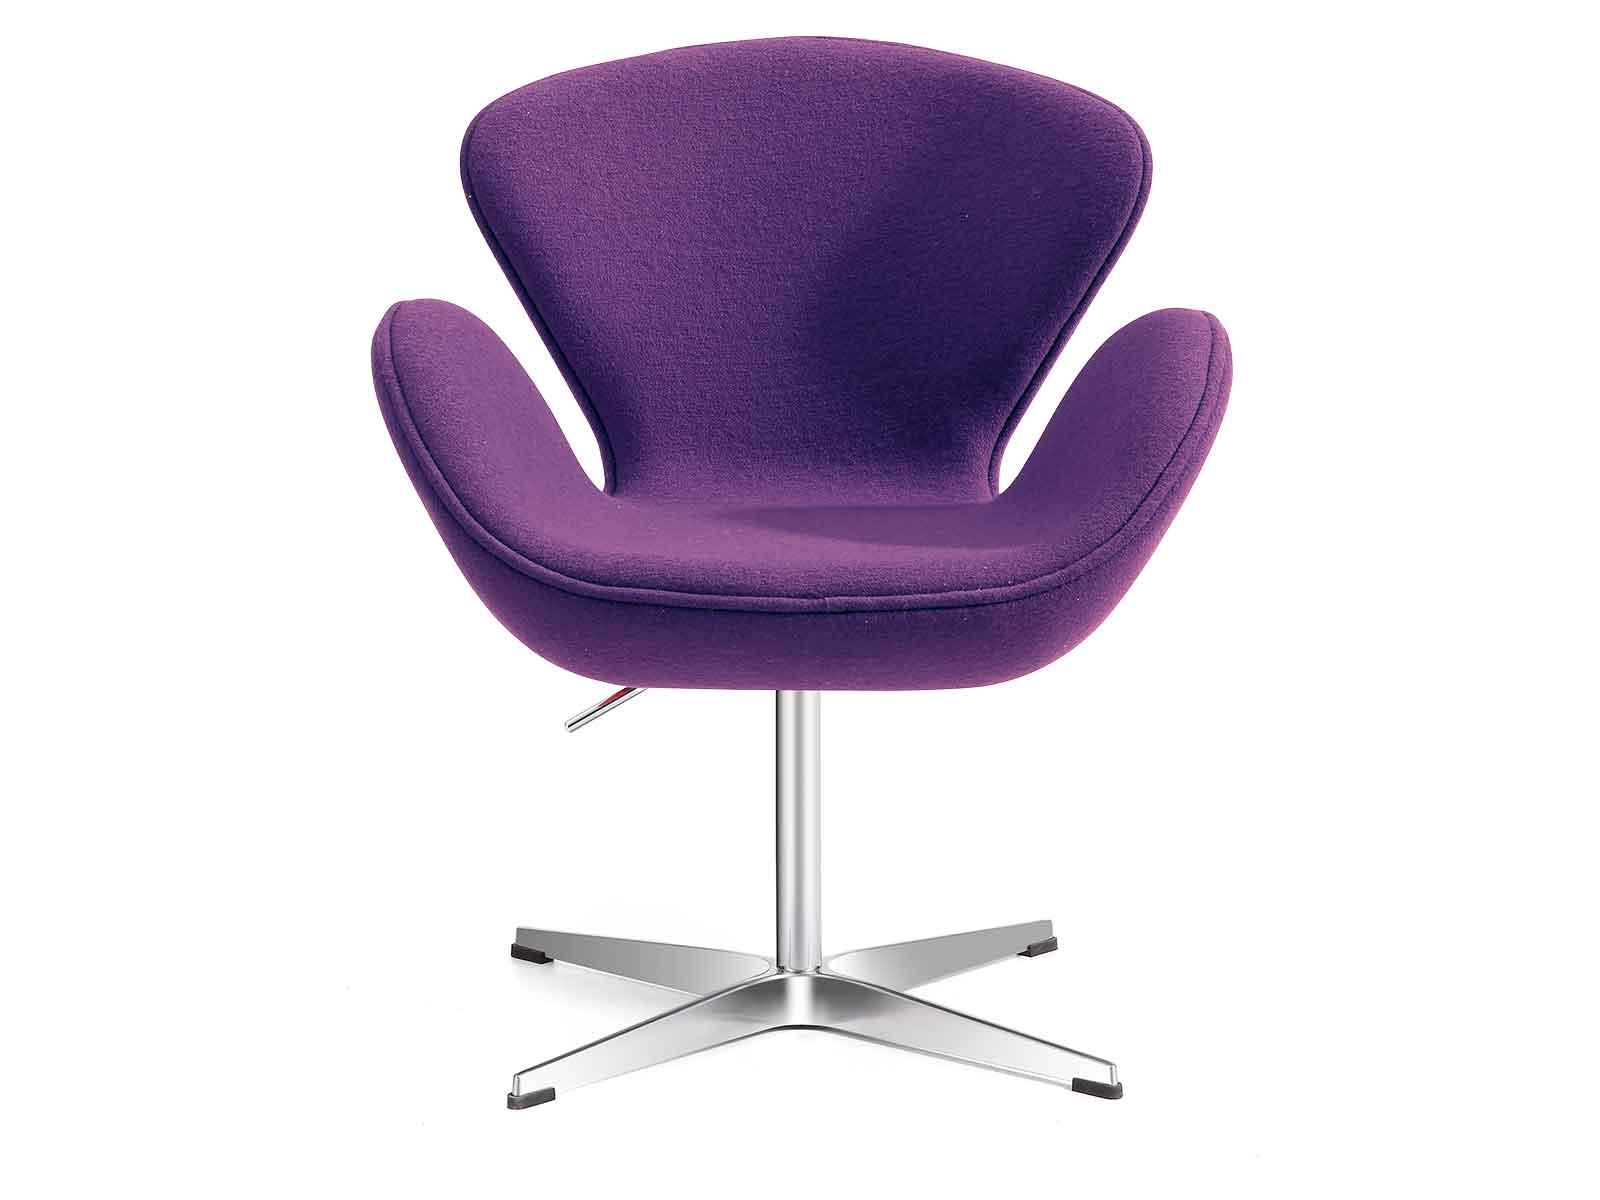 Silla sidney morado casam a design compra sillas for Sillas de diseno online